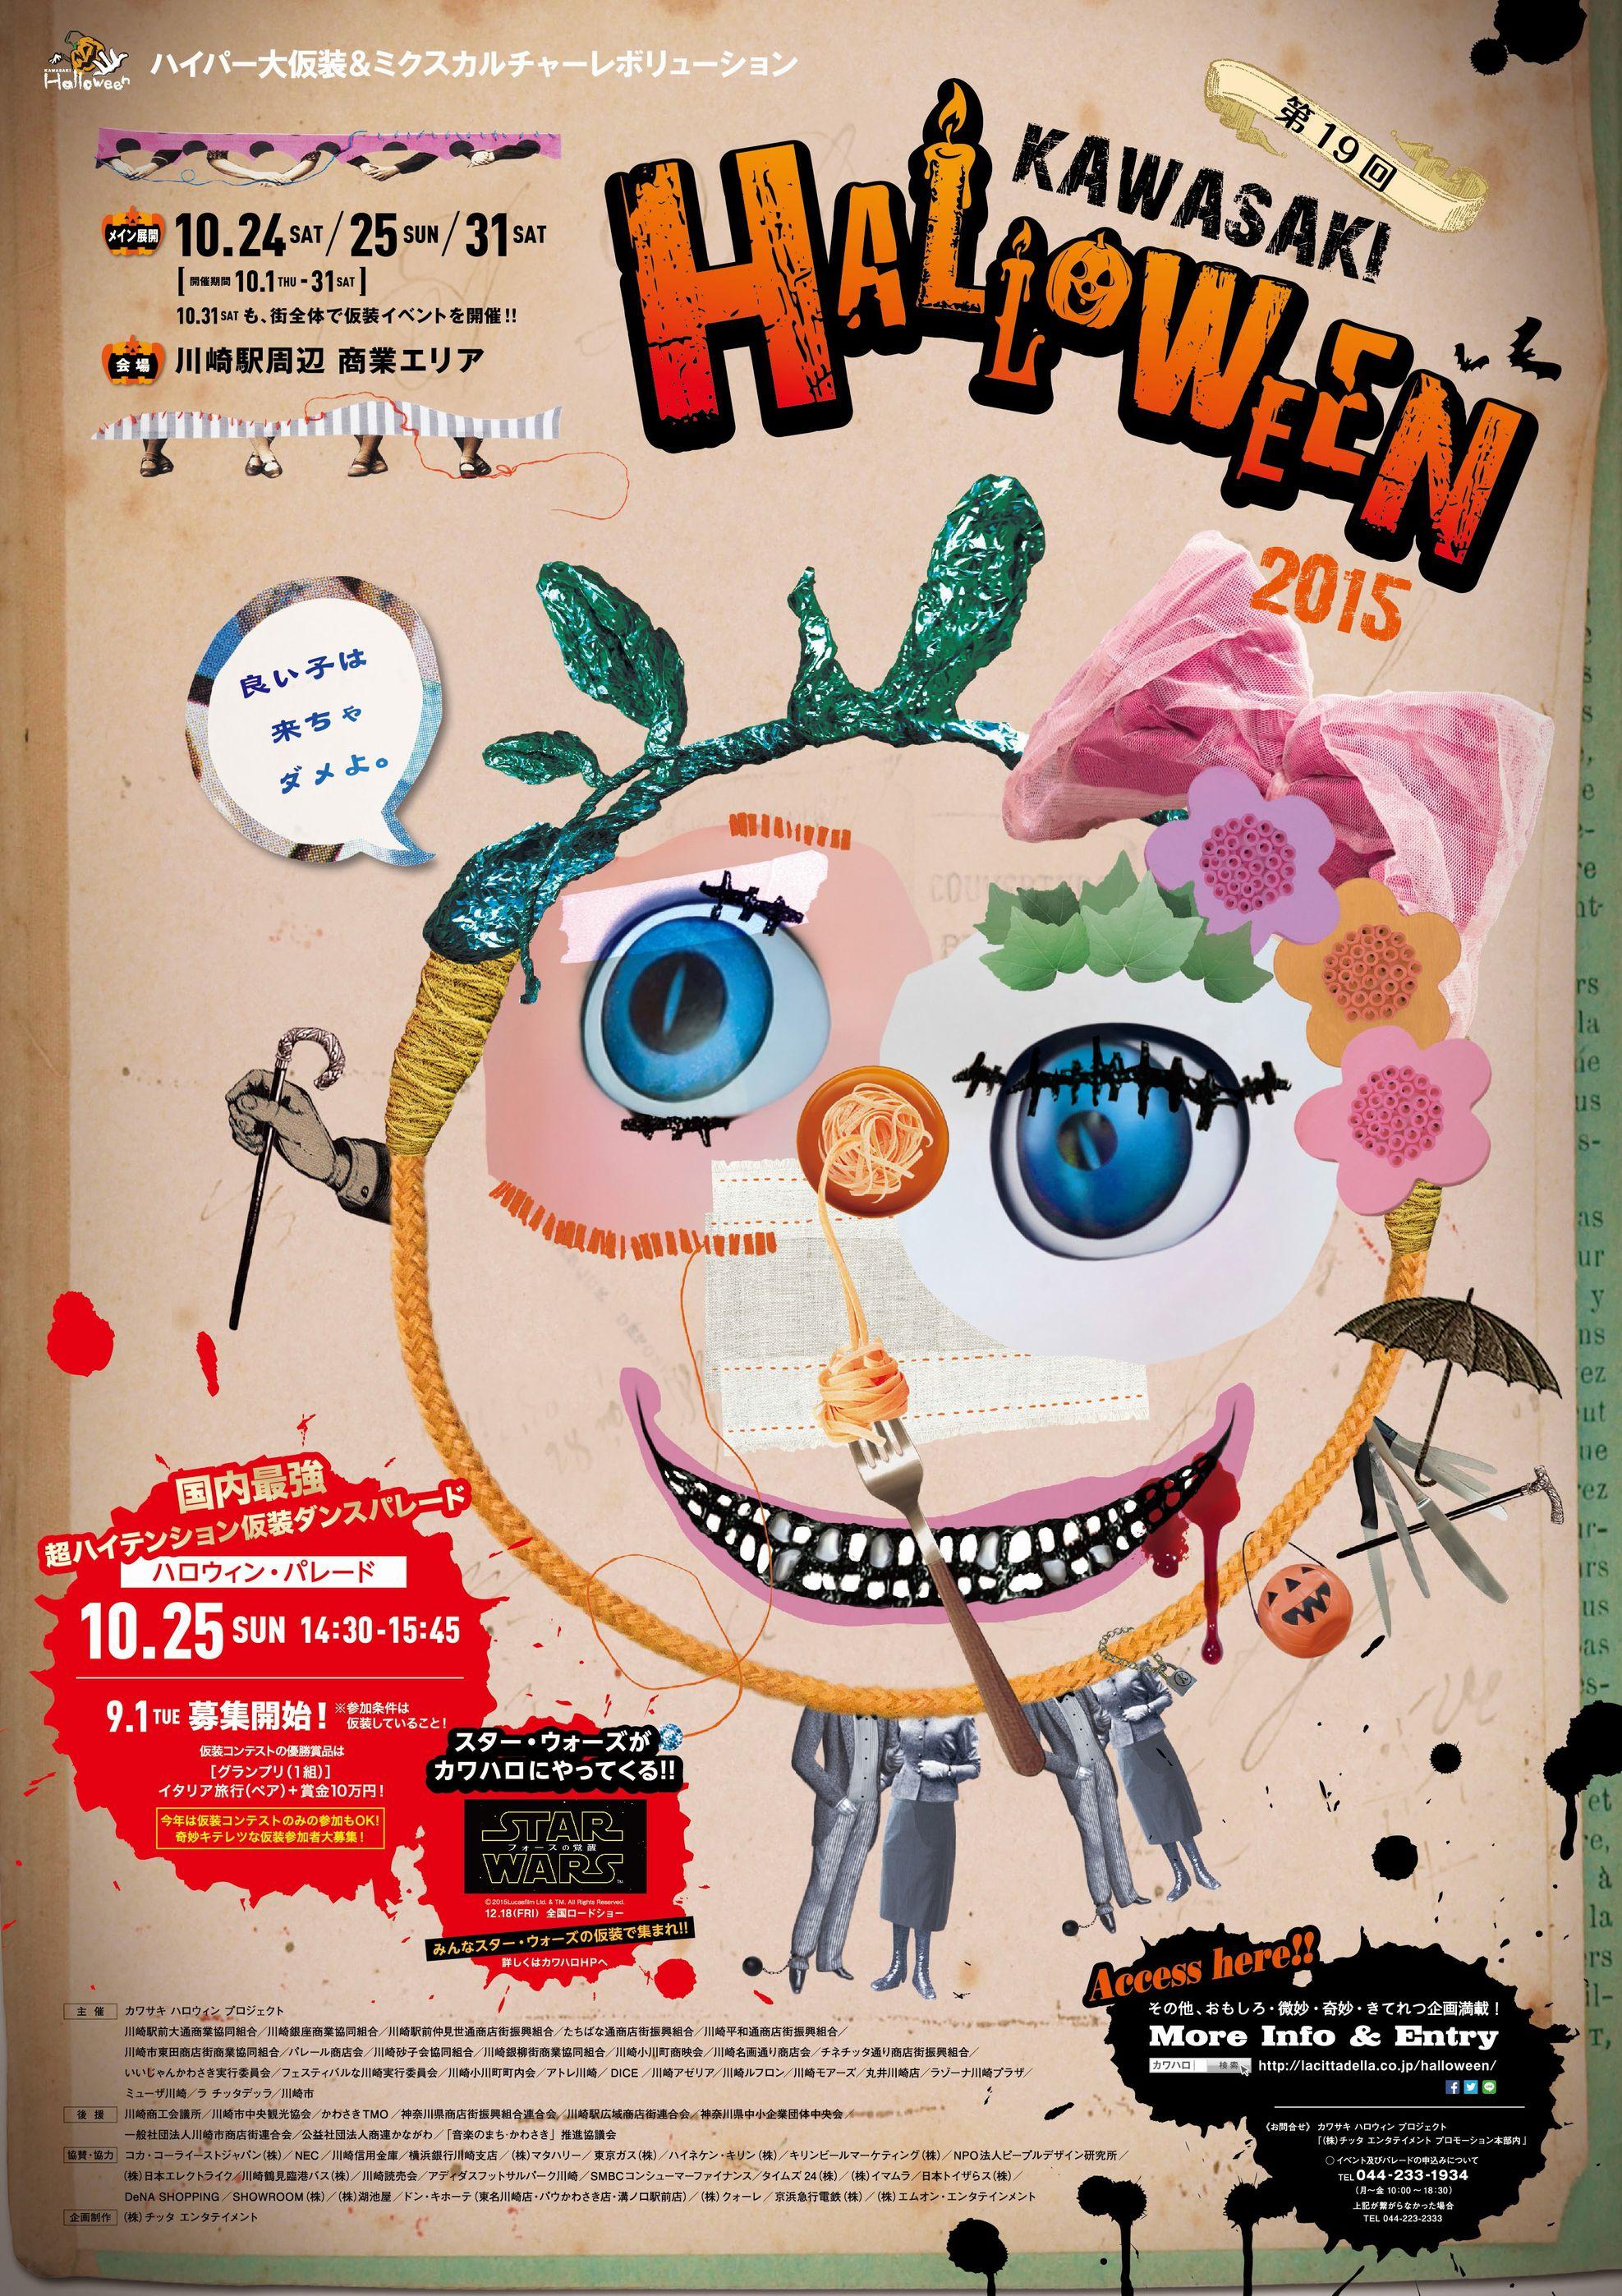 カワサキ ハロウィン 2015 ハロウィン・パレード/ハロウィン・アワード(仮装コンテスト)/キッズパレード/『スター・ウォーズ』パレード